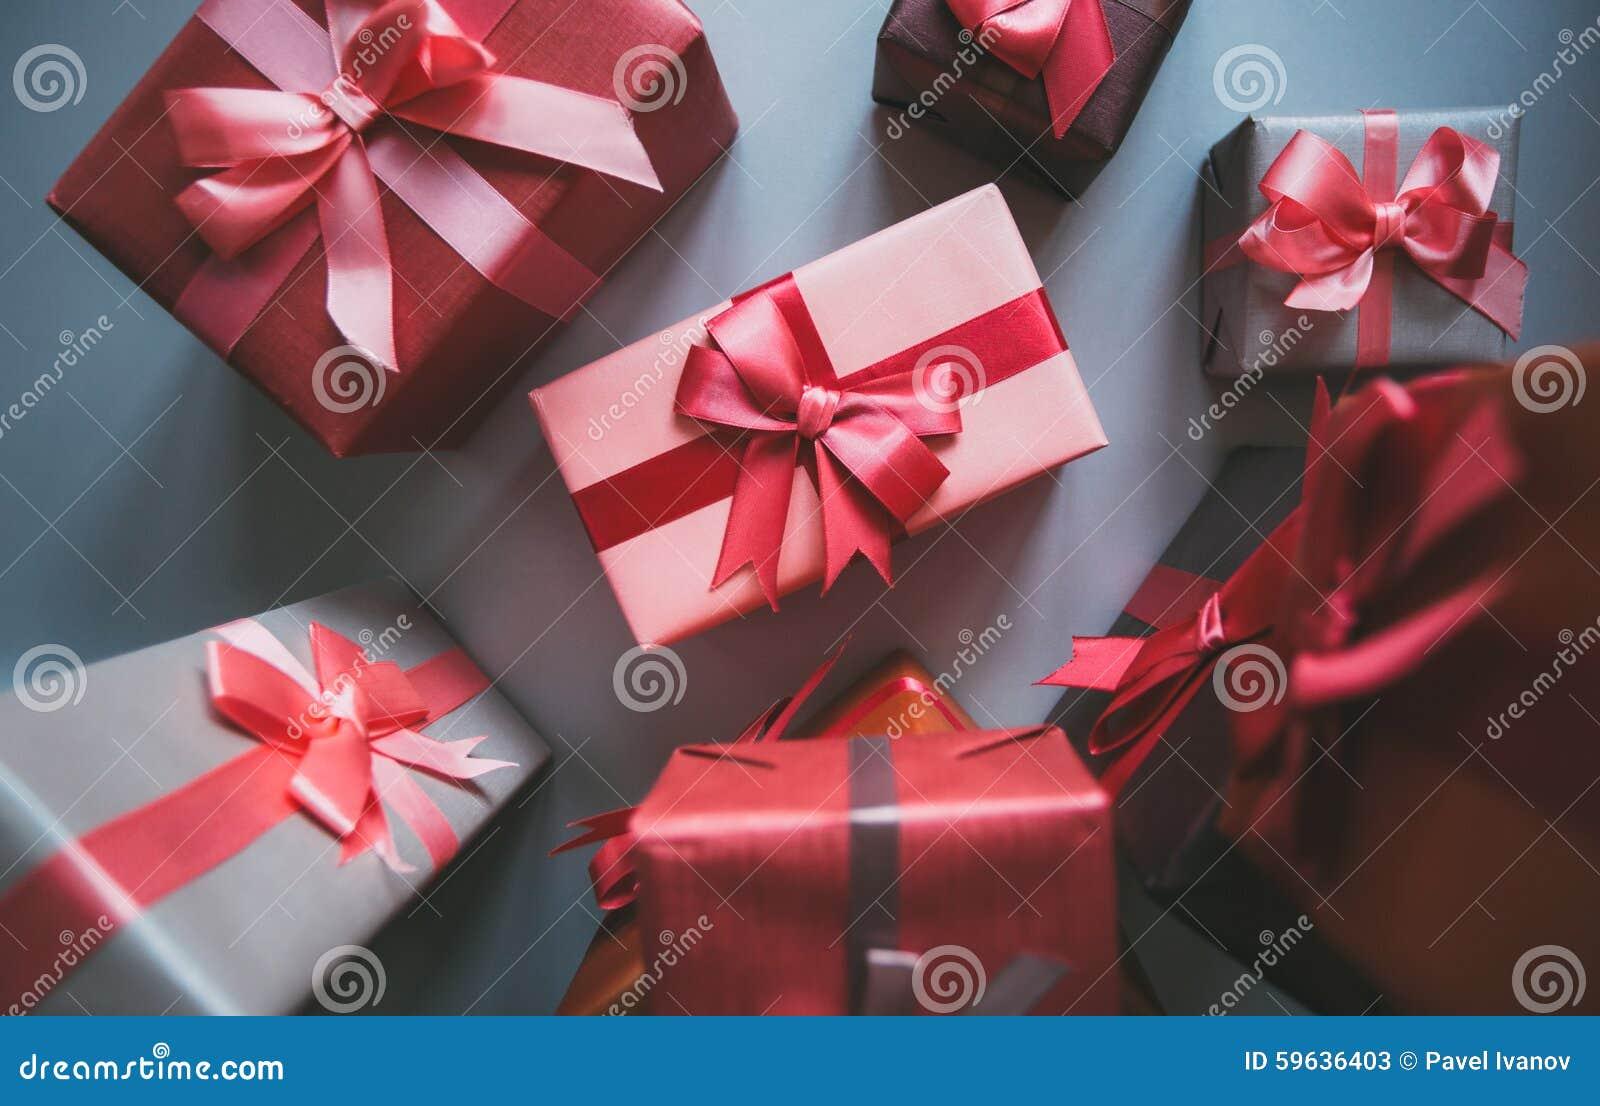 Dużo prezentów